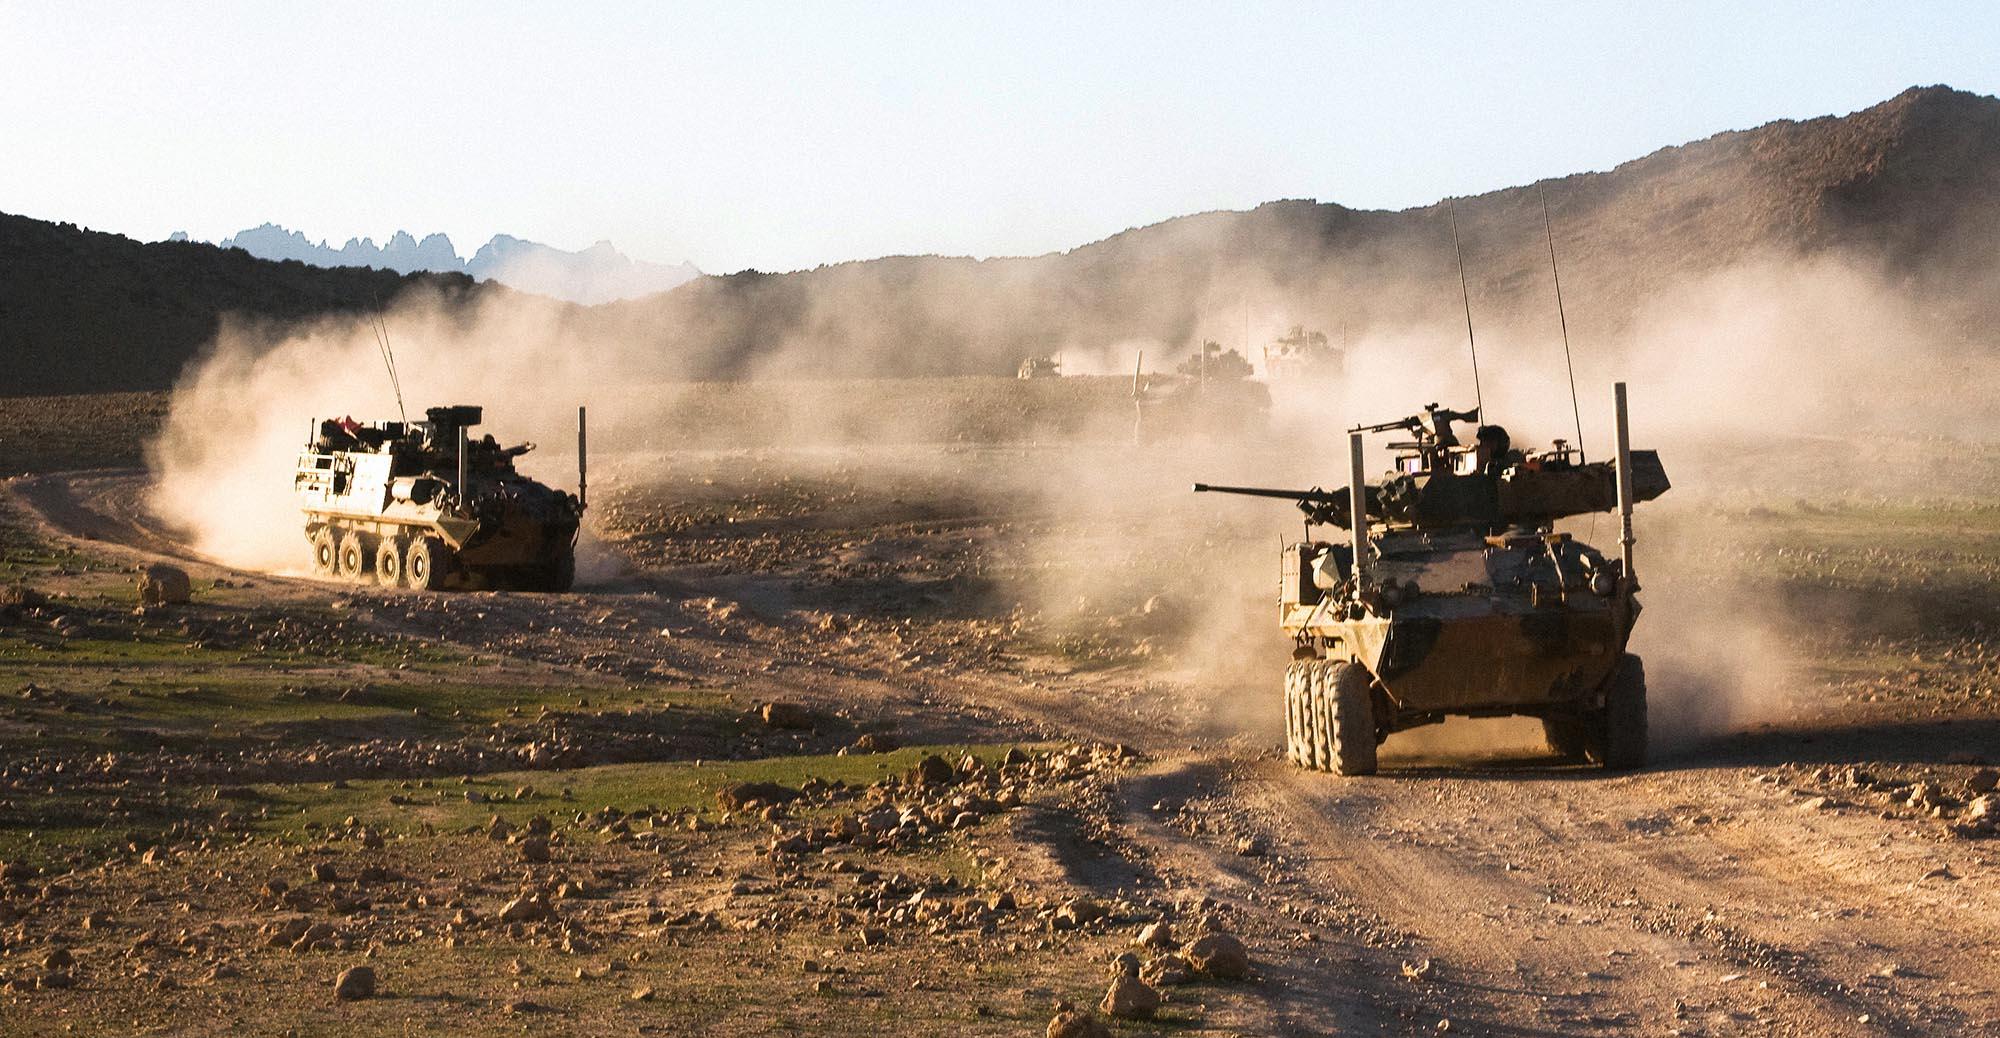 five aslavs in afghanistan during march 2011 - <b>Элитное подразделение армии Австралии казнило пленных и гражданских в Афганистане.</b> Расследование об этом вызвало волну самоубийств среди военных - Заборона